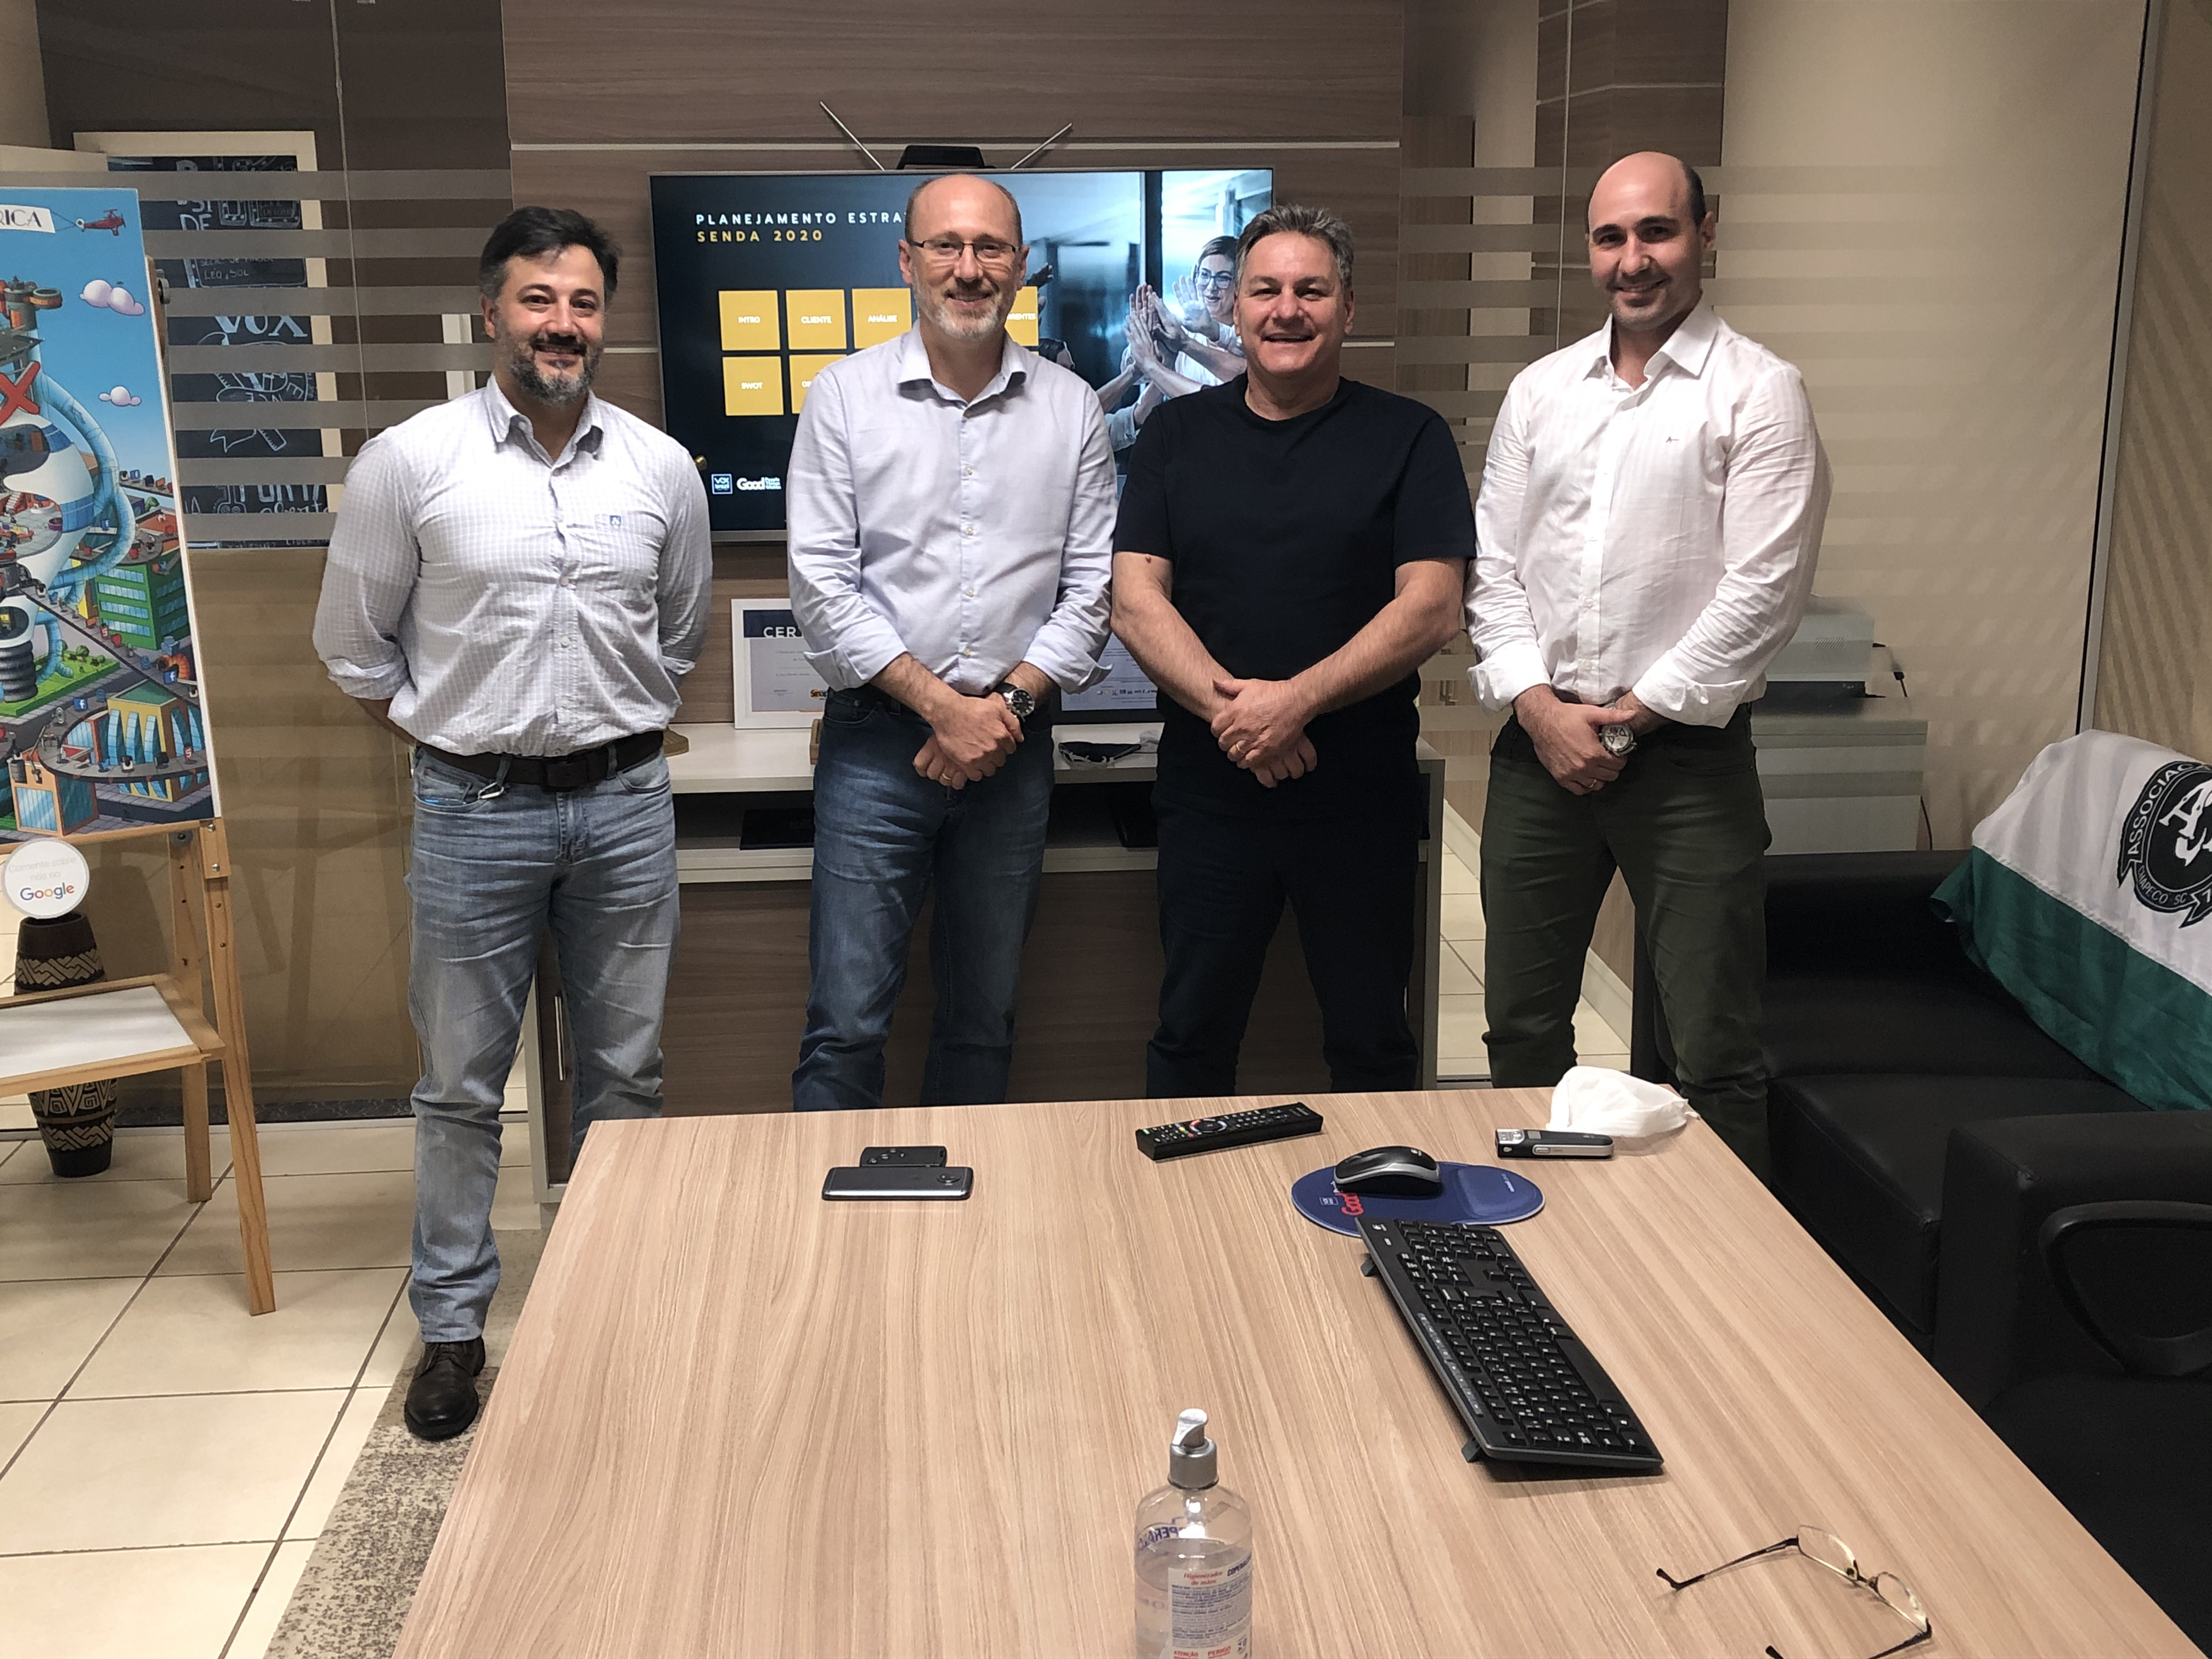 Vox Brazil apresenta planejamento estratégico para a Senda Consultoria